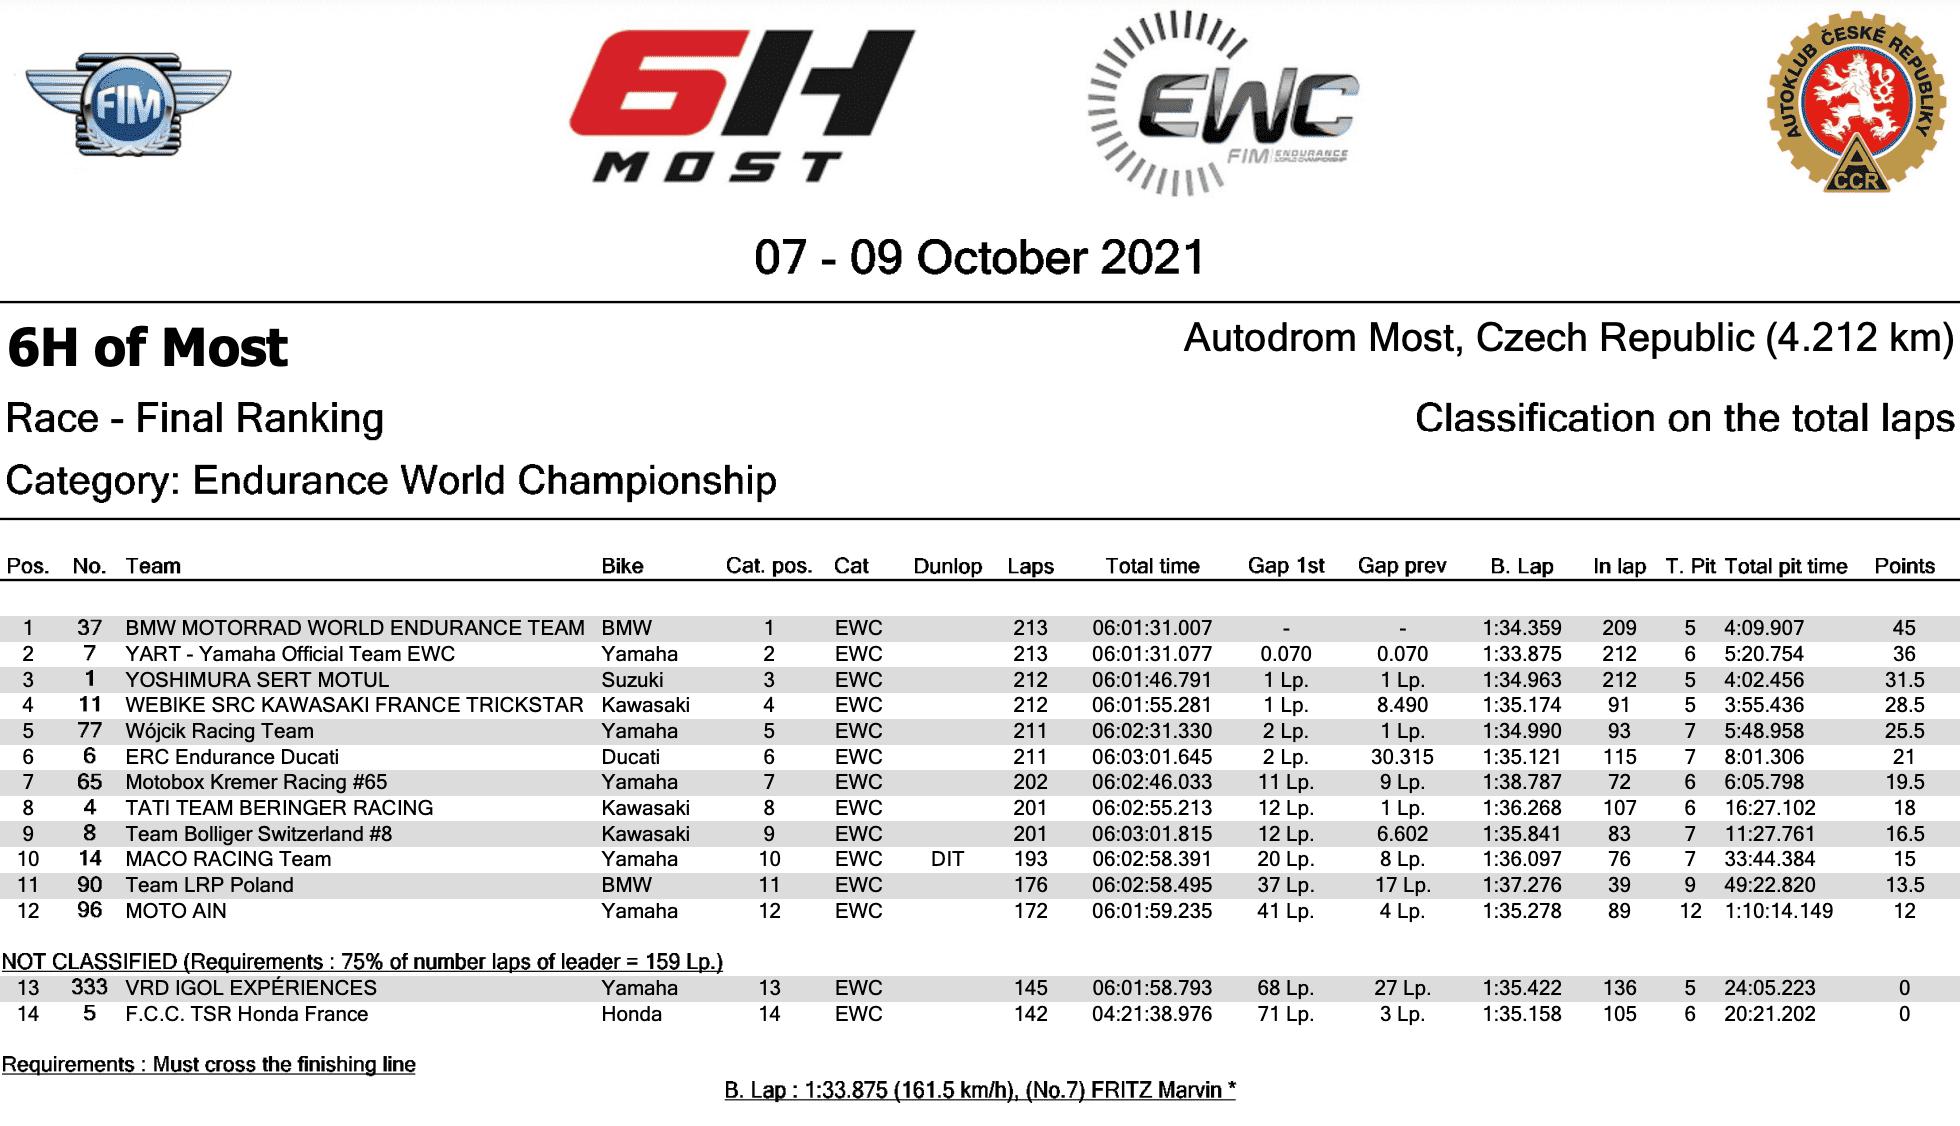 世界耐久選手権(EWC)モスト6時間耐久ロードレースでBMW MOTORRAD WORLD ENDURANCE TEAMが優勝